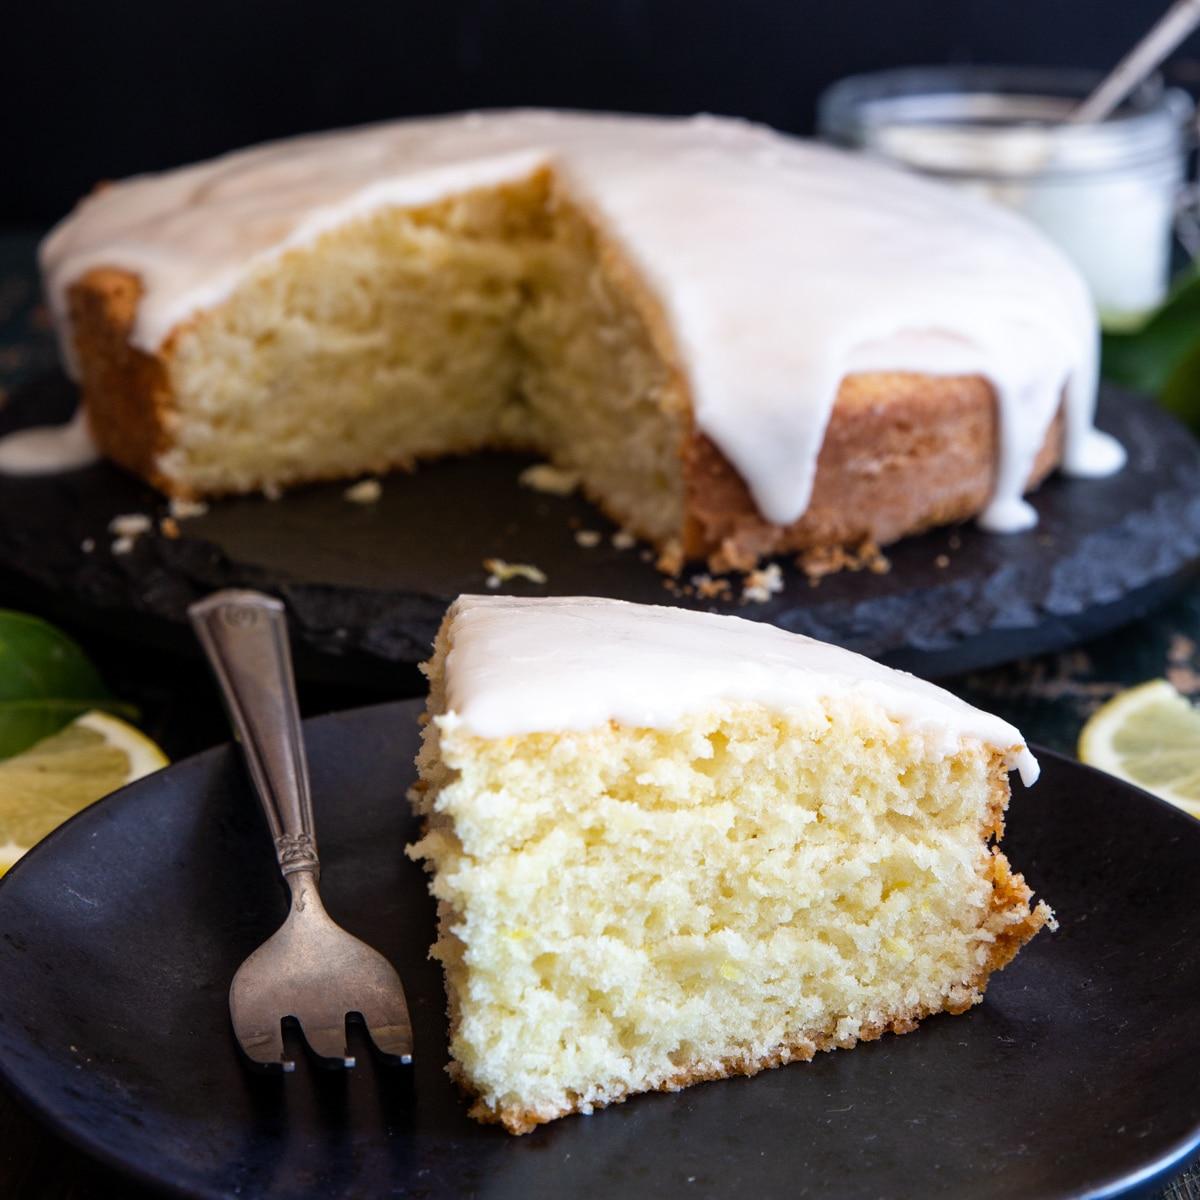 lemon yogurt cake on a black cake stand with a slice on a black plate